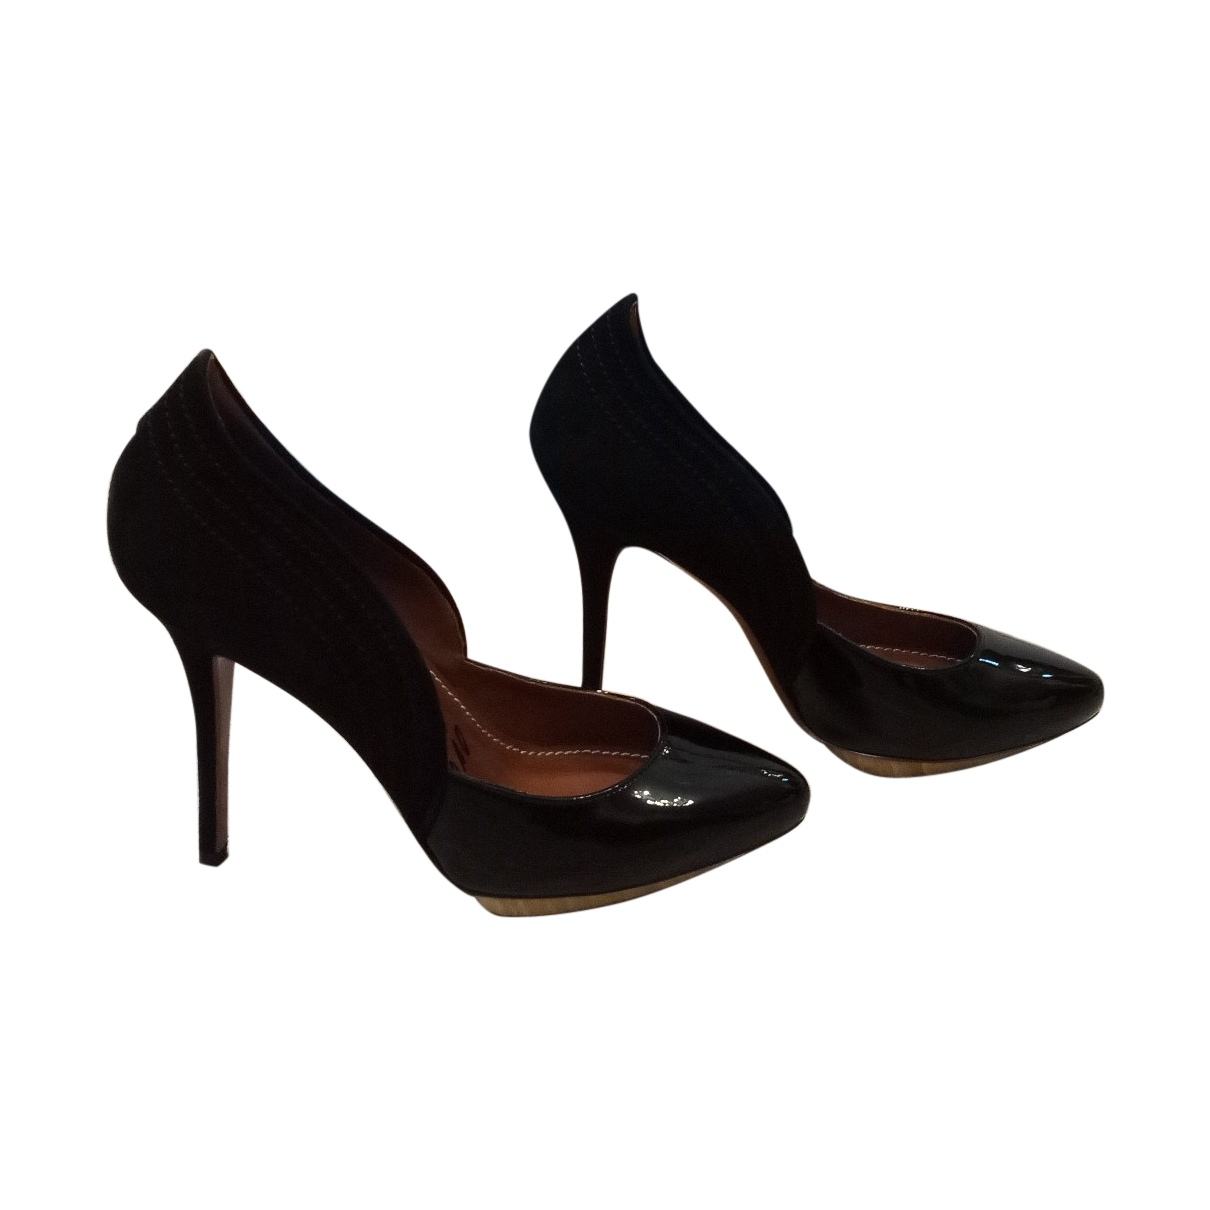 Lanvin \N Black Leather Heels for Women 38.5 EU